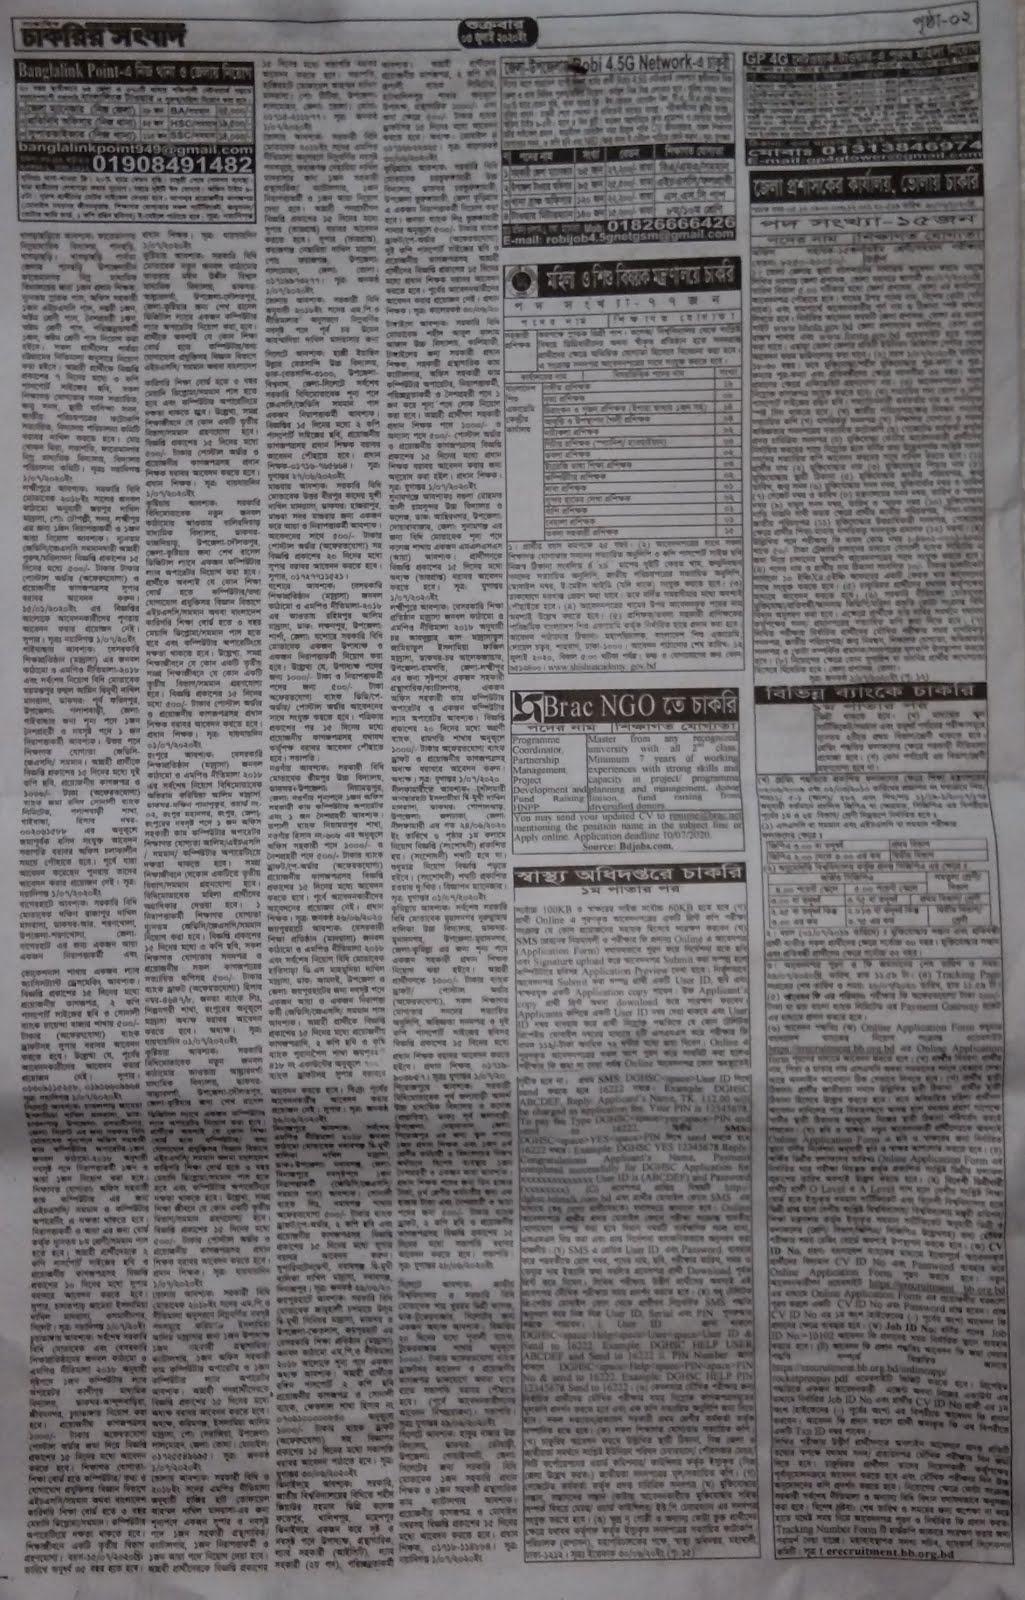 সাপ্তাহিক চাকরির সংবাদ পত্রিকা ০৩/০৭/২০২০ - saptahik chakrir songbad potrika 03/07/2020